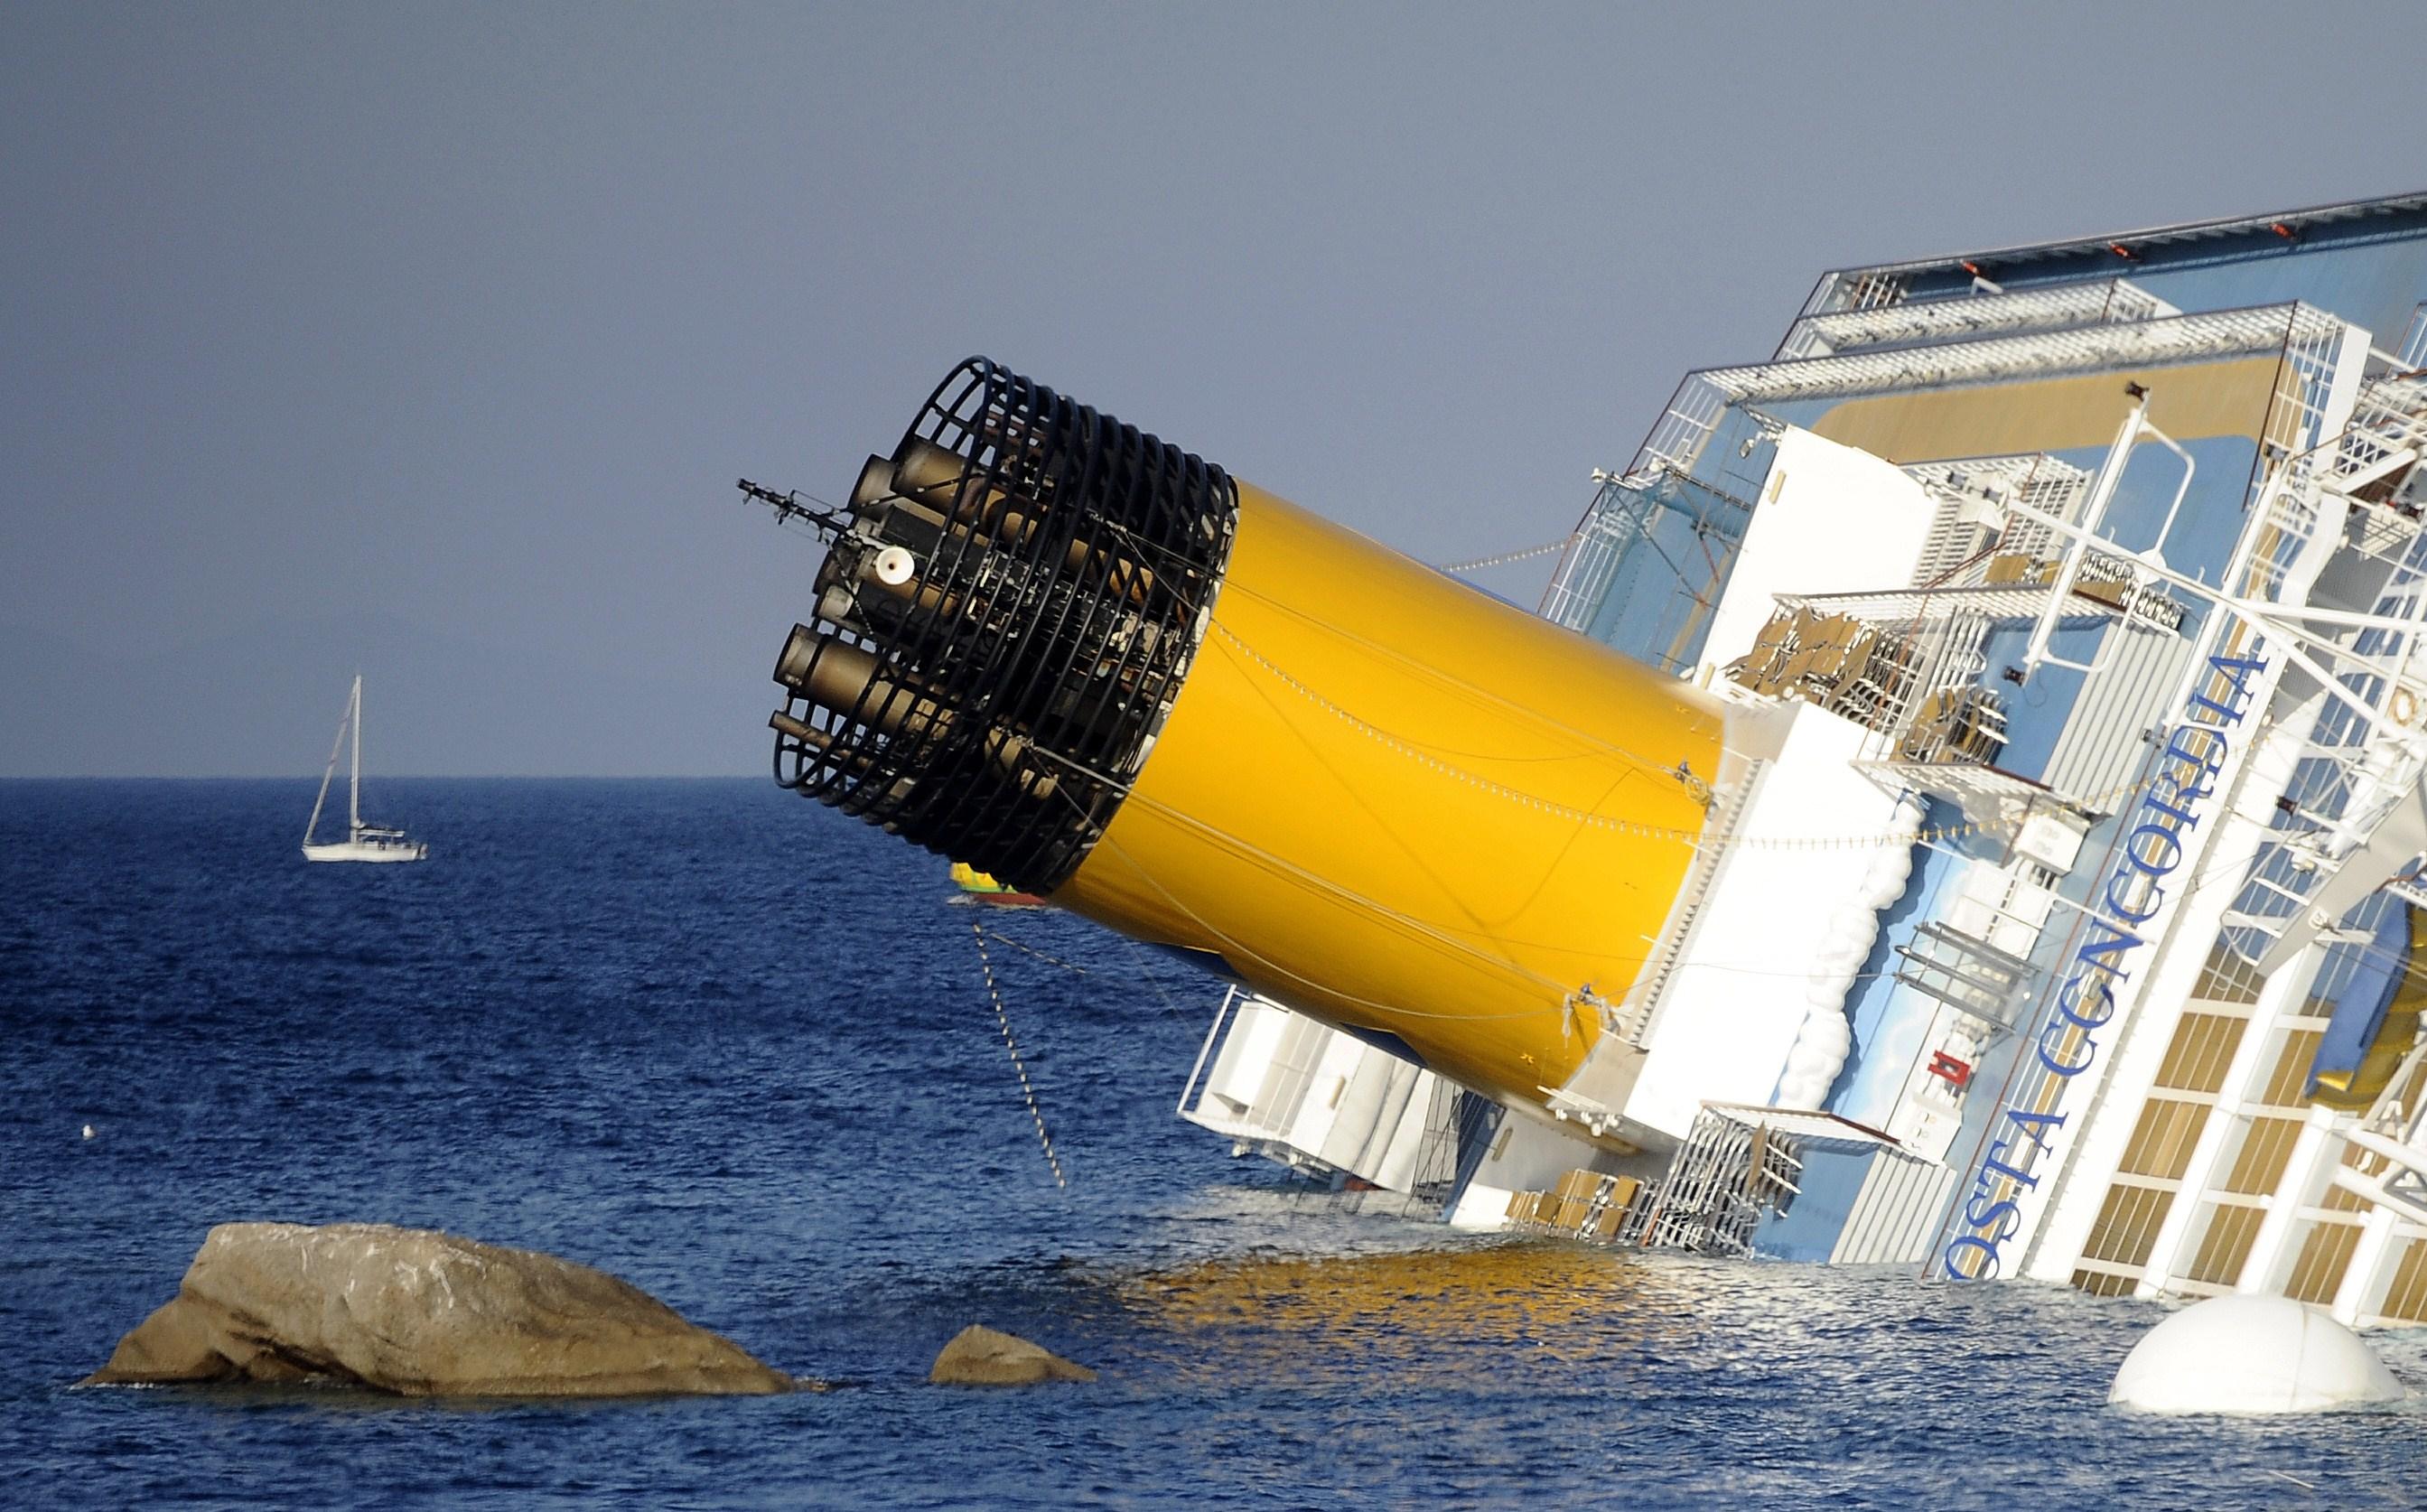 Presa: Cauzele naufragiului navei de croaziera Costa Concordia nu vor fi cunoscute niciodata